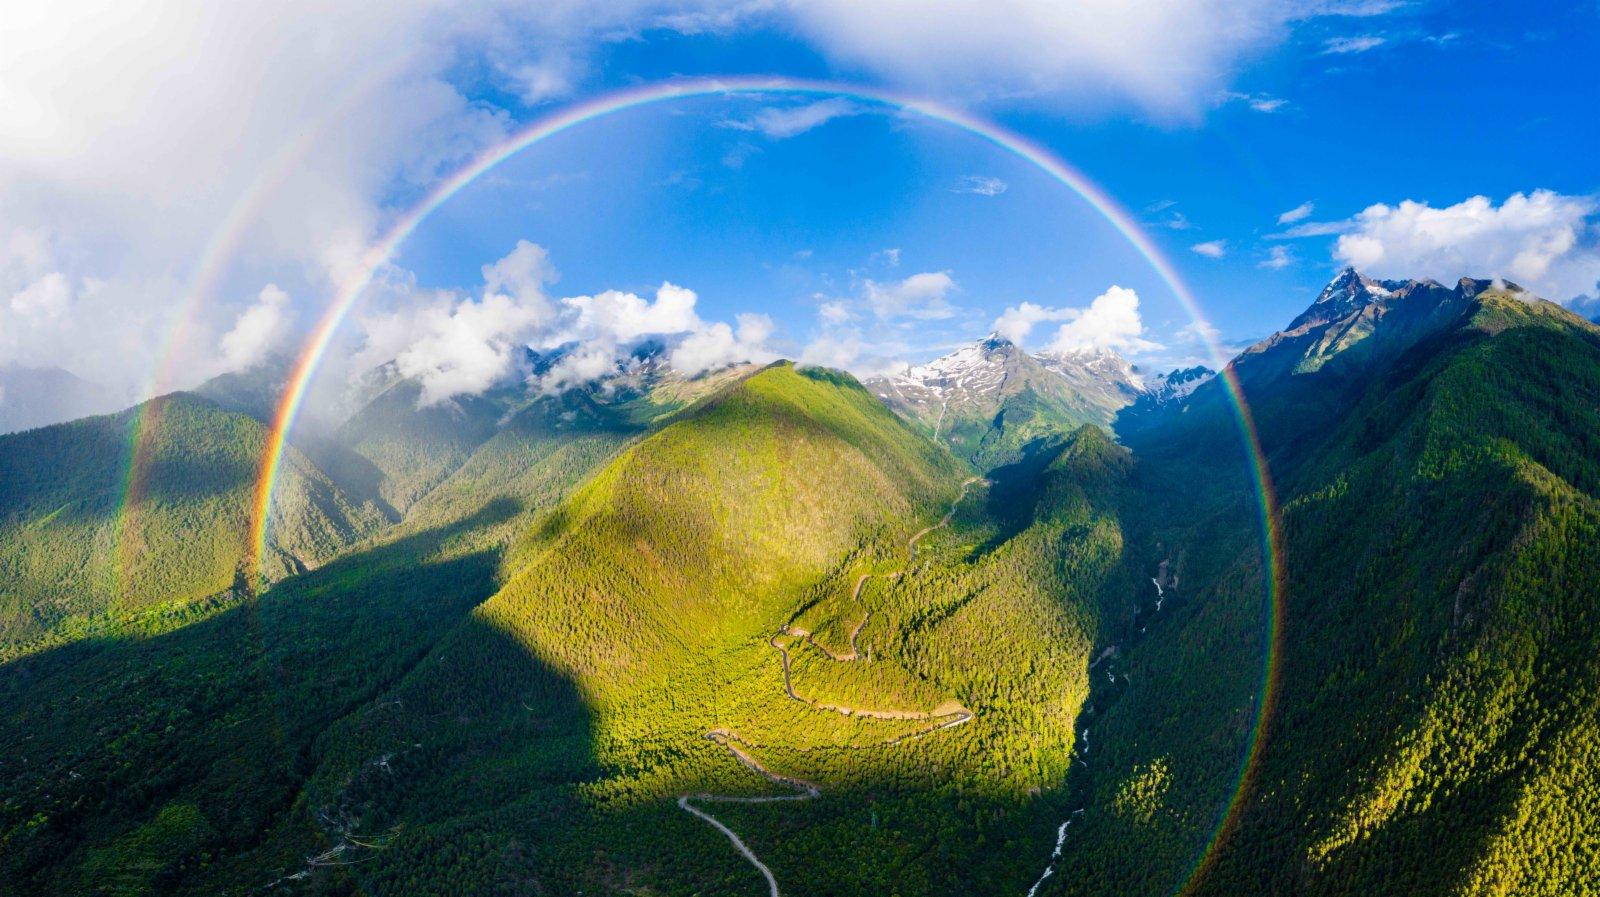 這是7月6日拍攝的米林縣派鎮至墨脫公路上的彩虹(無人機照片)。(新華社)